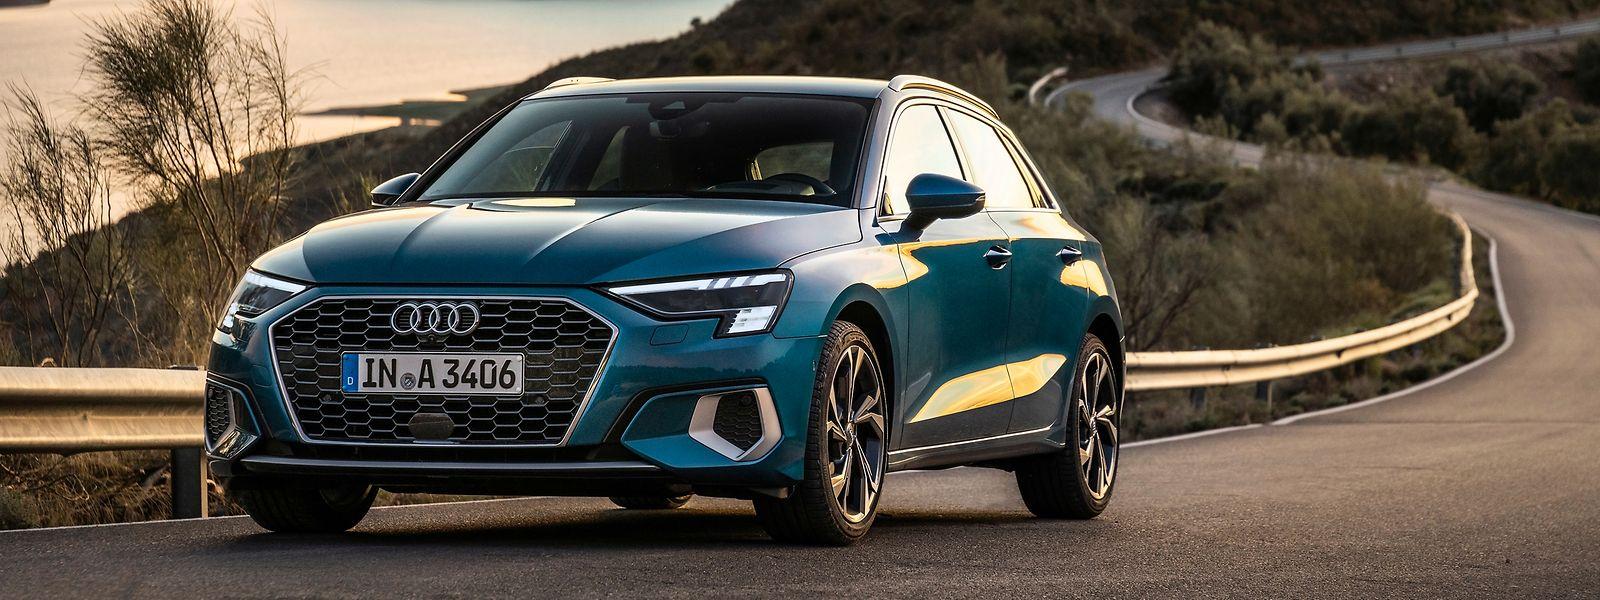 Der neue Audi A3 Sportback steht sportlich und straff auf der Straße.